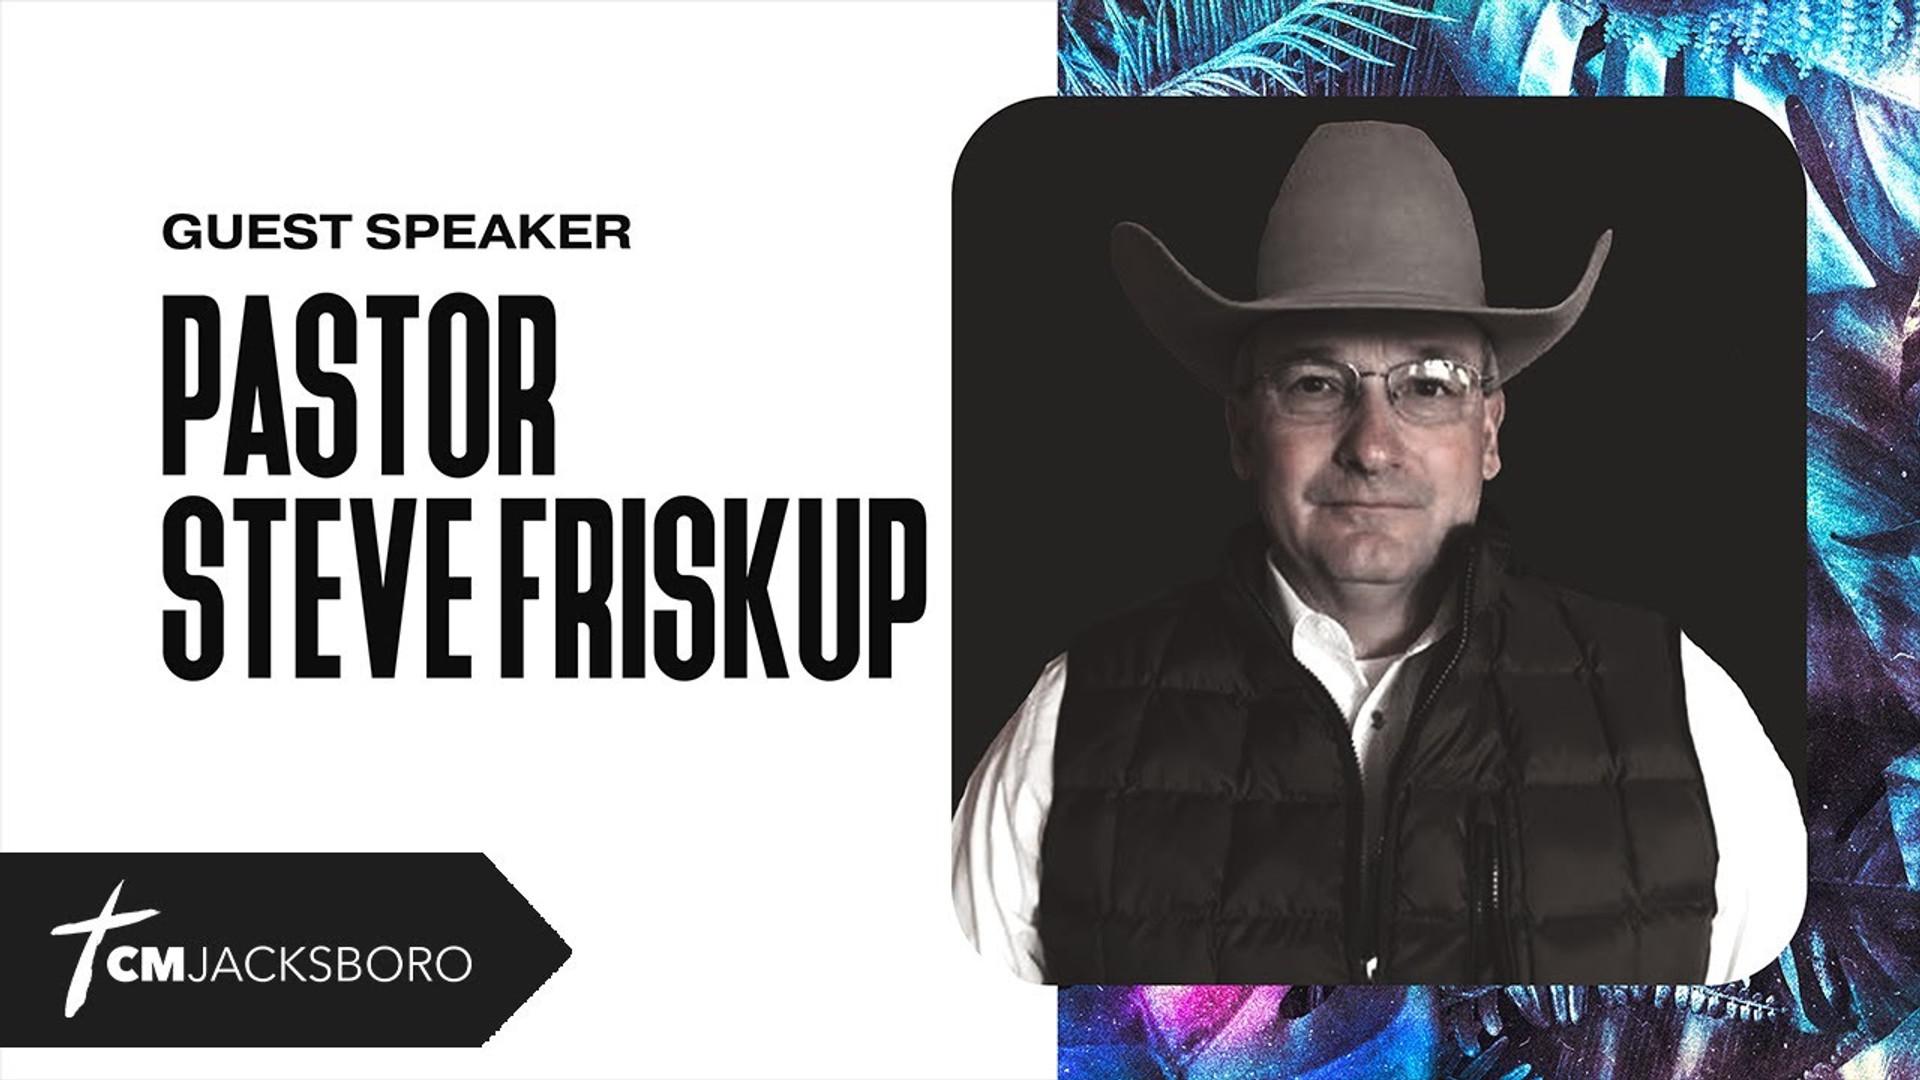 Special Guest: Pastor Steve Friskup